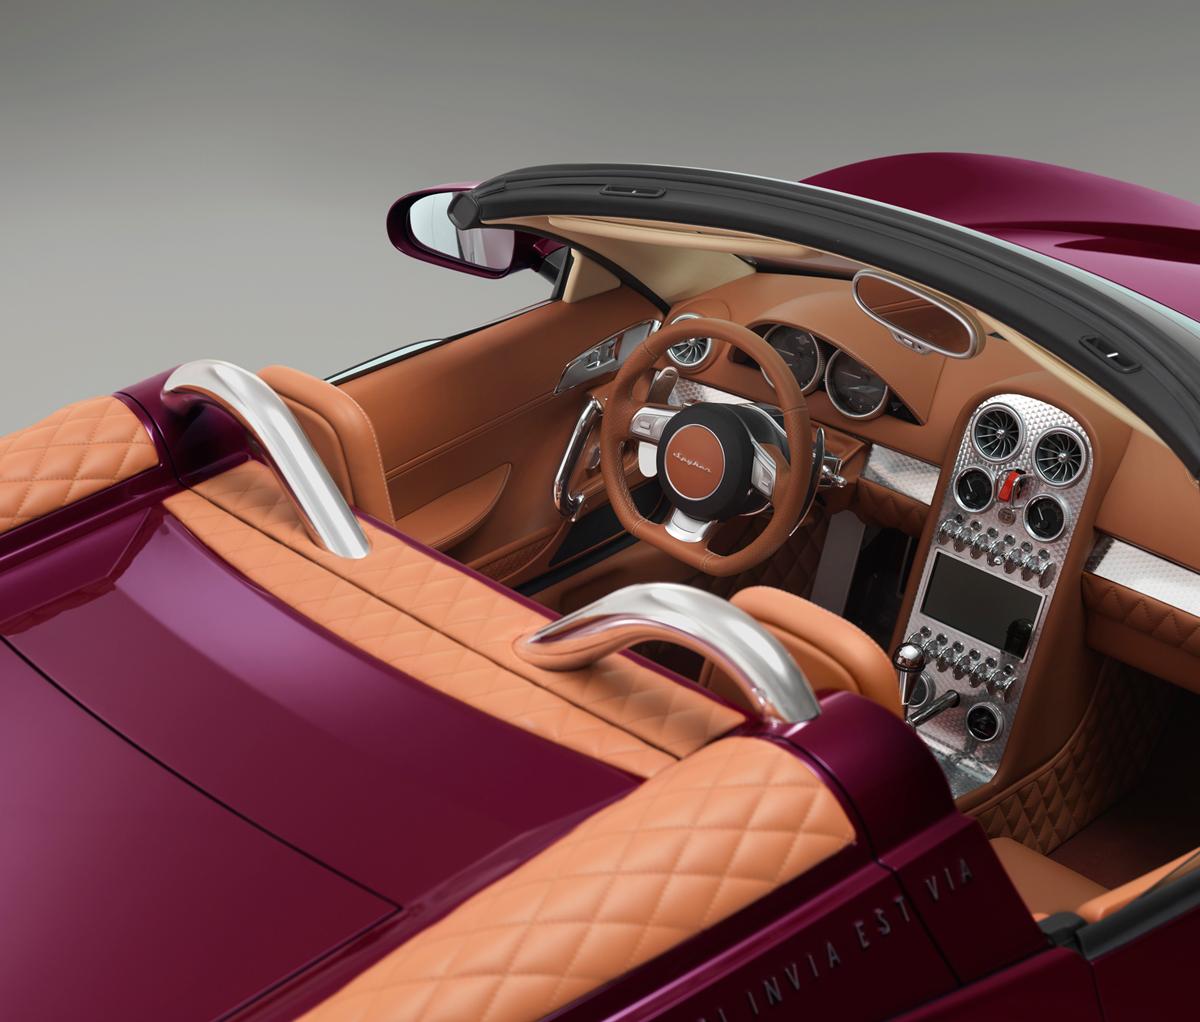 Fondo Pantalla Spyker B6-venator-spyder-concept Descapotable 2013 Interiores (5)